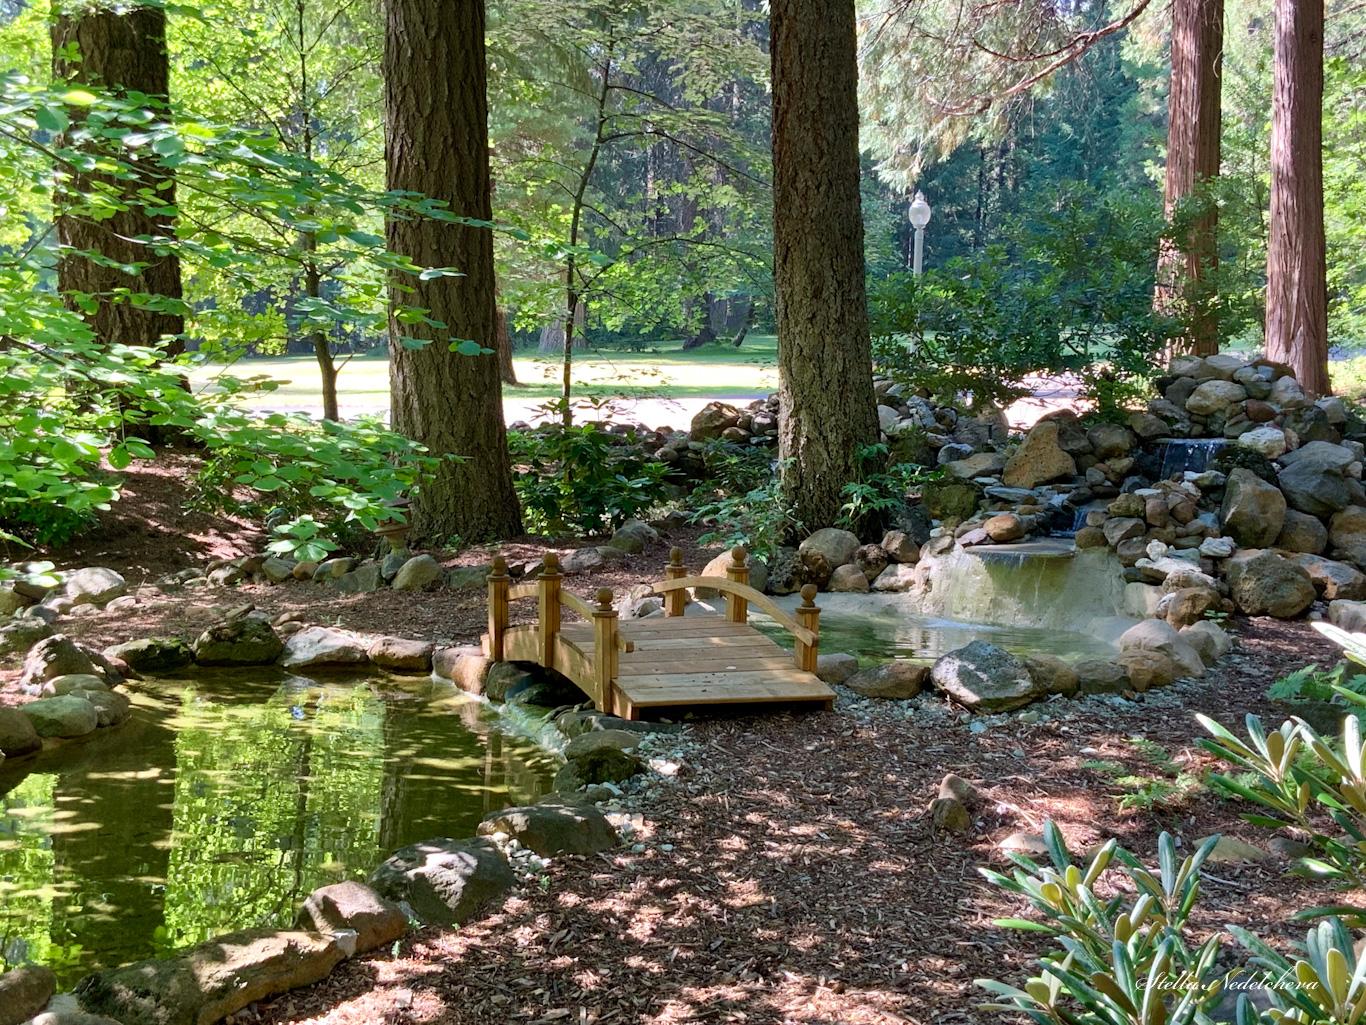 Petit pont en bois dans un jardin zen